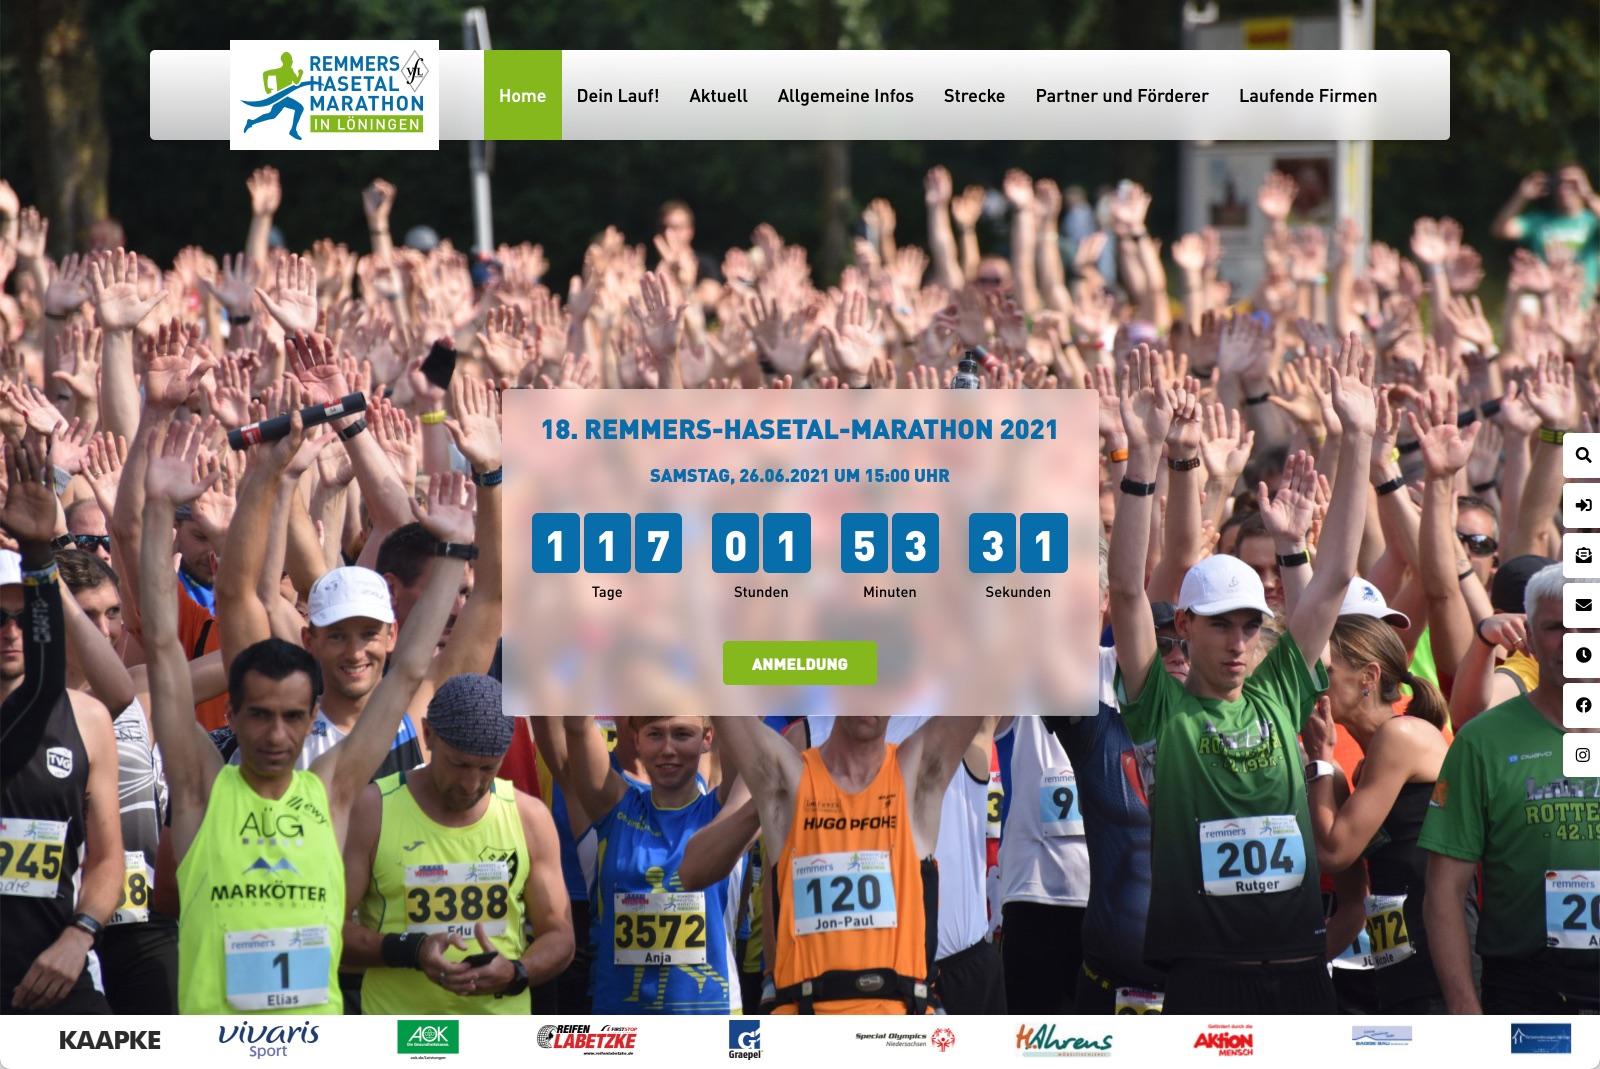 Remmers-Hasetal-Marathon - Startseite